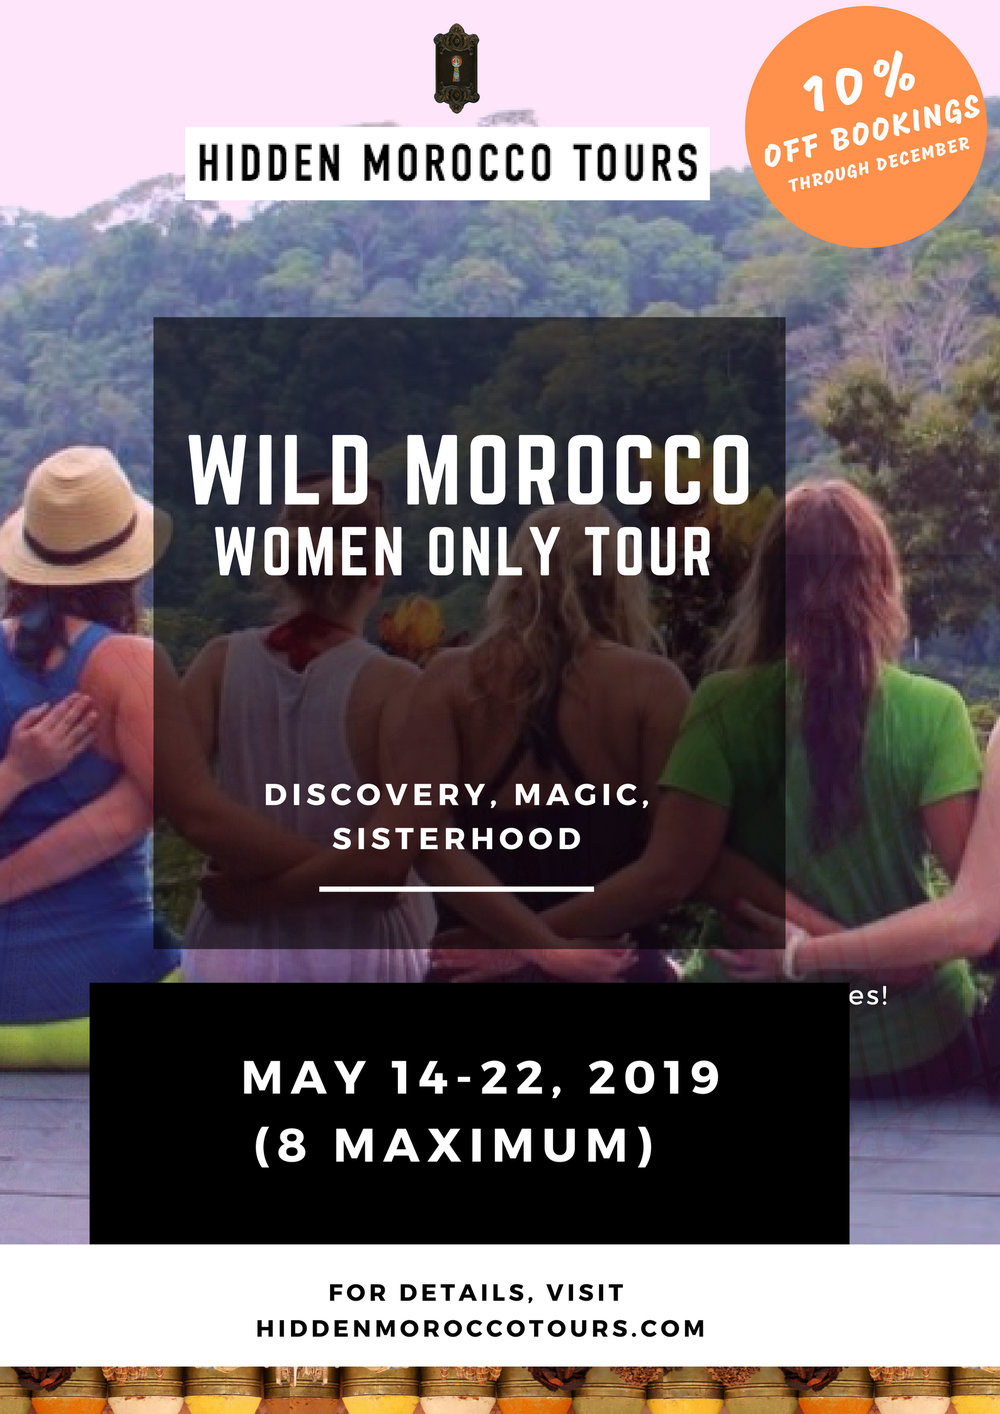 MAY 14-22 TOUR